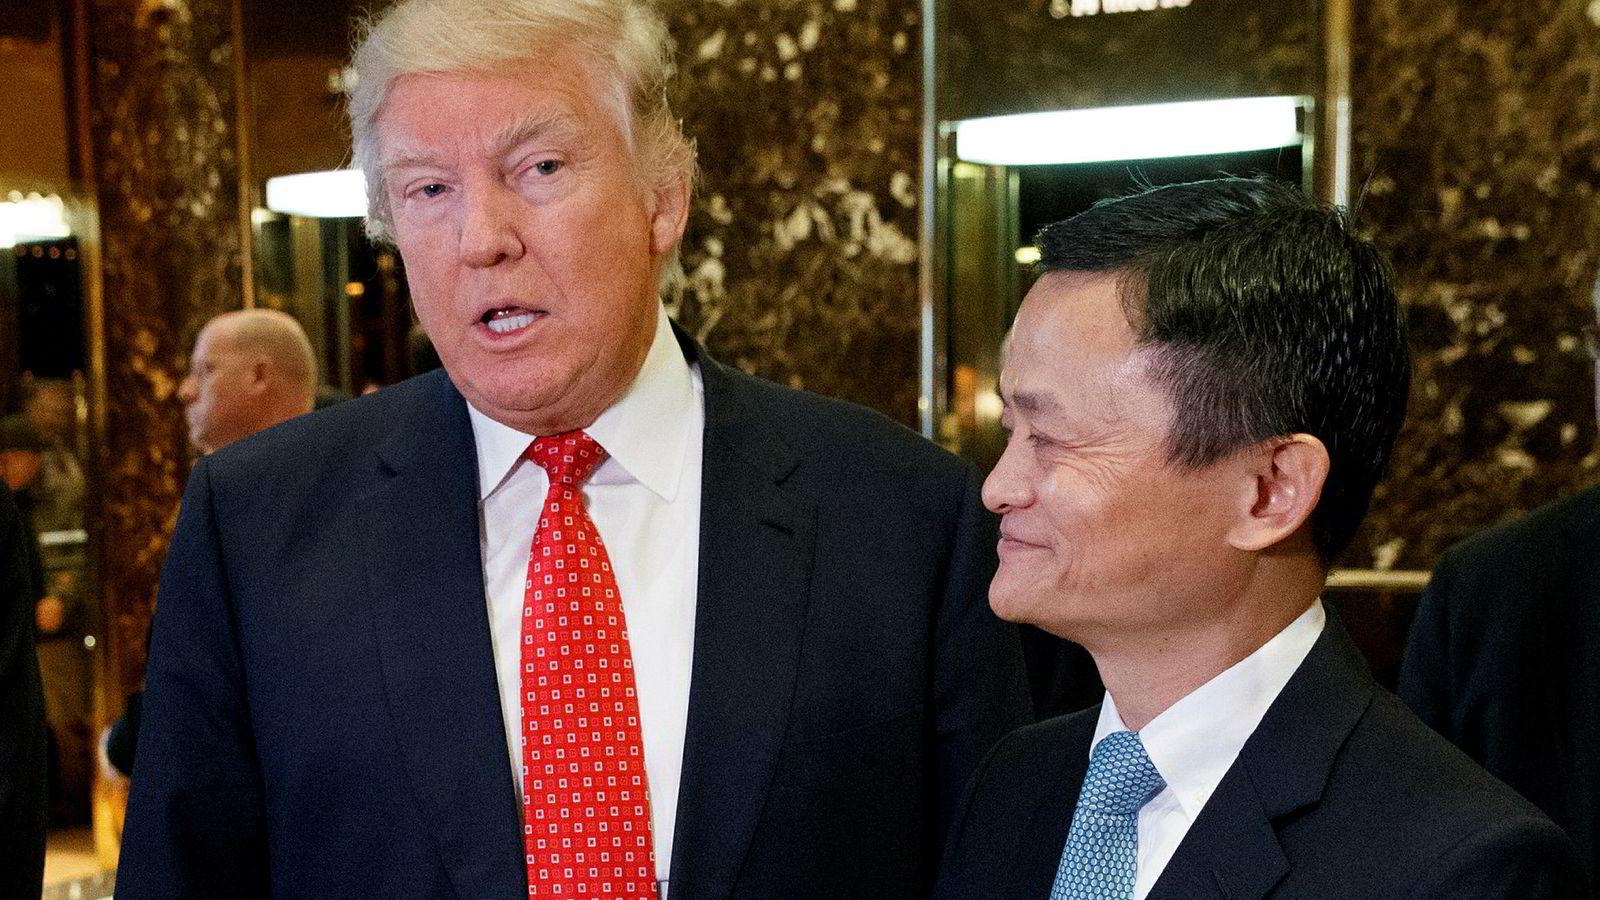 Aibabas styreformann Jack Ma lovte å skape en million arbeidsplasser i USA da han møtte Donald Trump før innsettelsen i fjor. Nå bryter han løftet på grunn av handelskrigen mellom USA og Kina